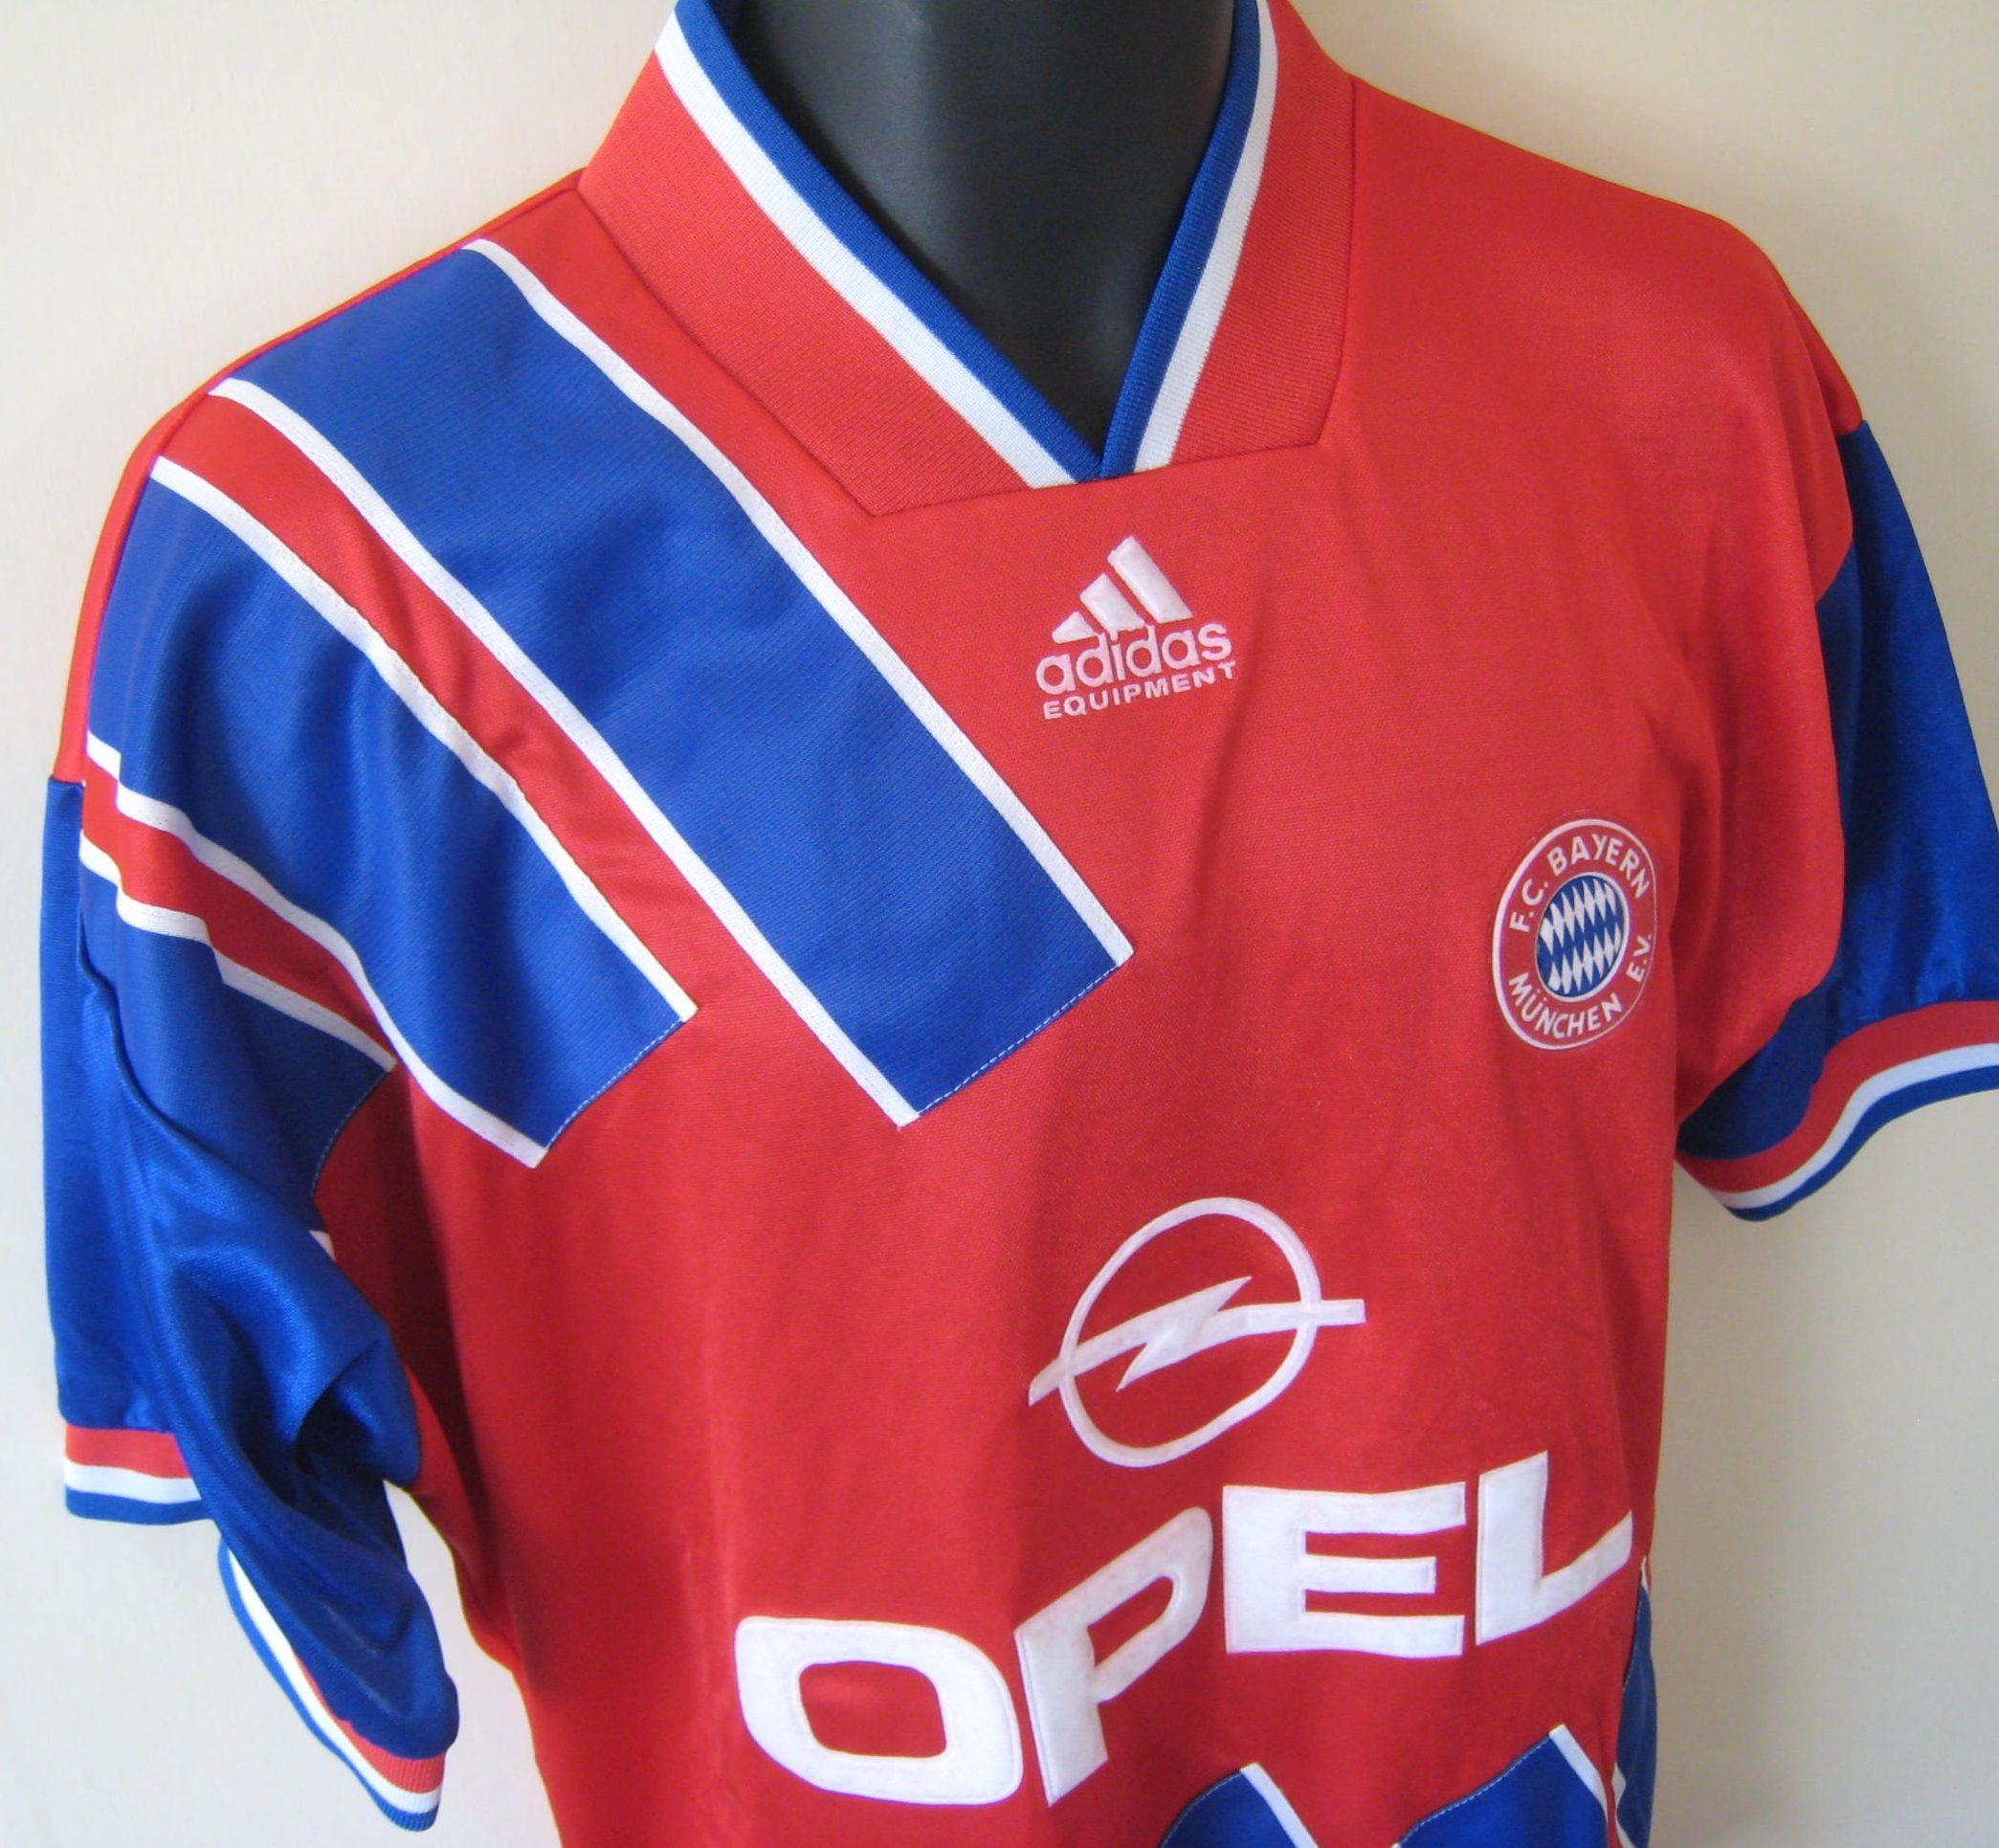 90s Bayern Munich shirt by Adidas.  736d4e62578c6